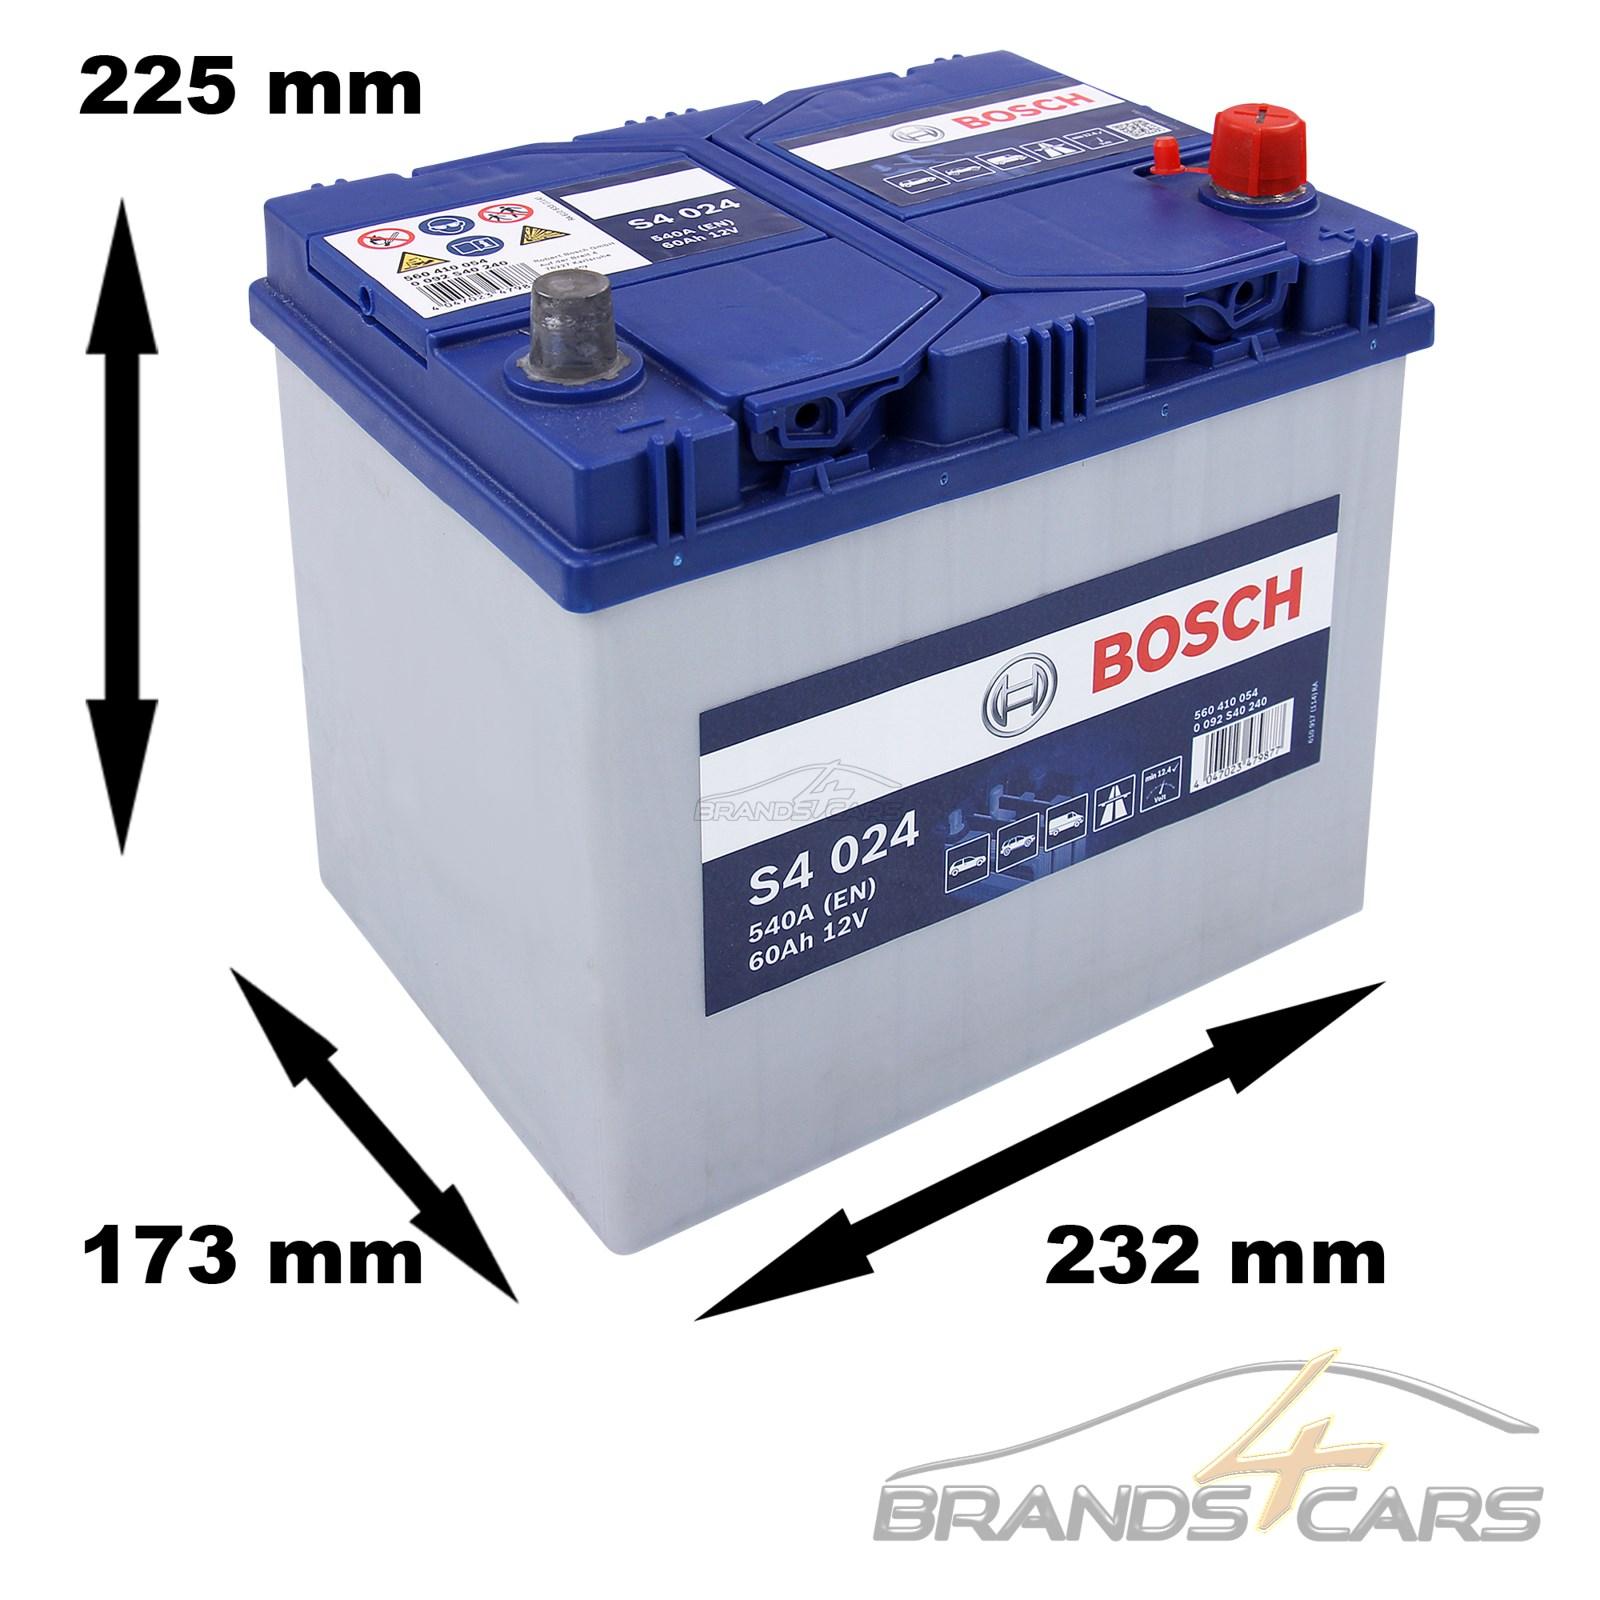 bosch s4 024 60ah 540a 12v autobatterie starterbatterie. Black Bedroom Furniture Sets. Home Design Ideas